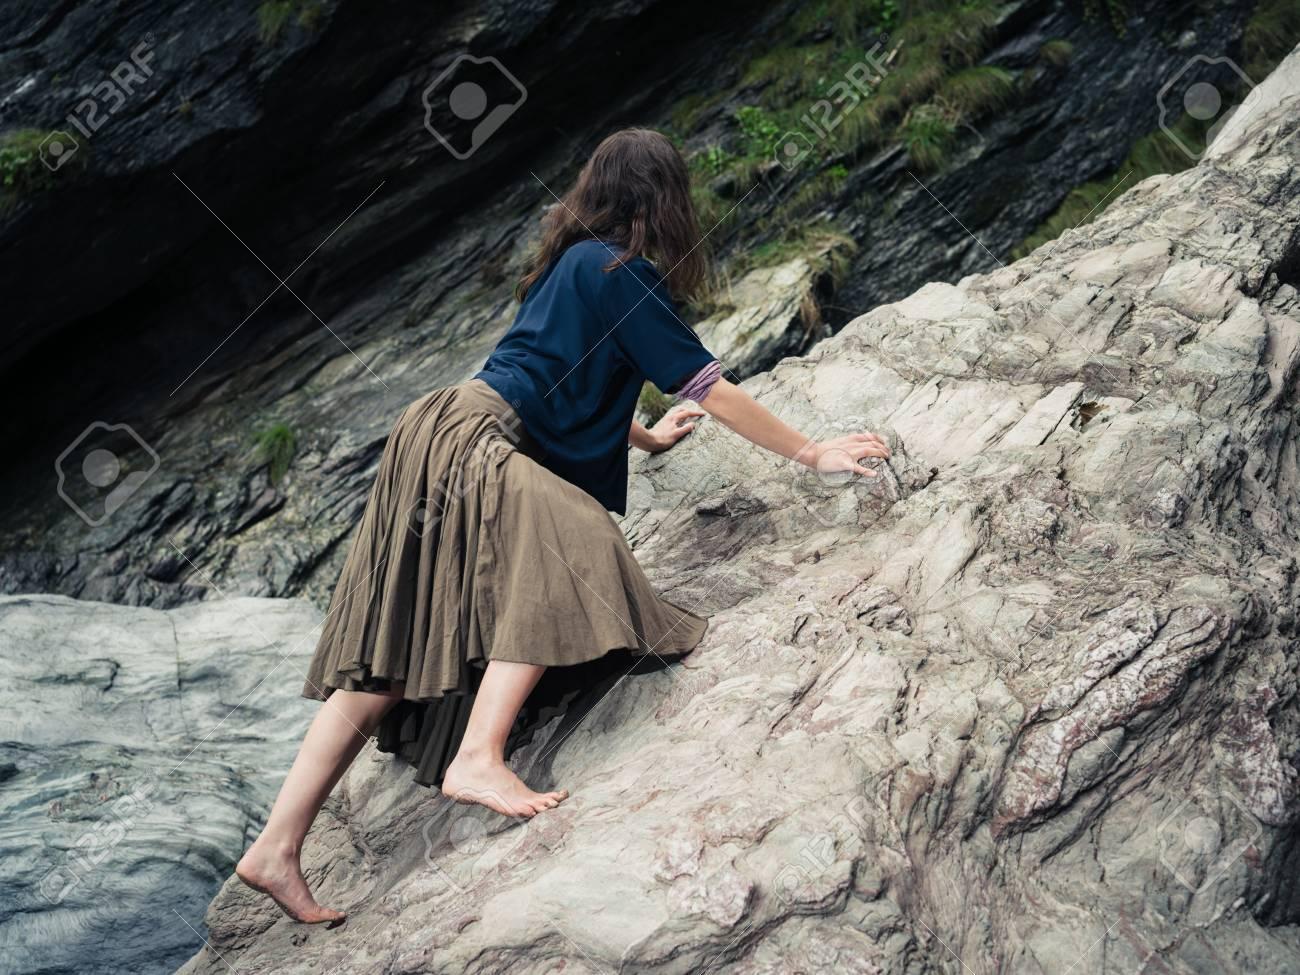 e82712f02 Una mujer descalza joven weaing una falda está subiendo una roca